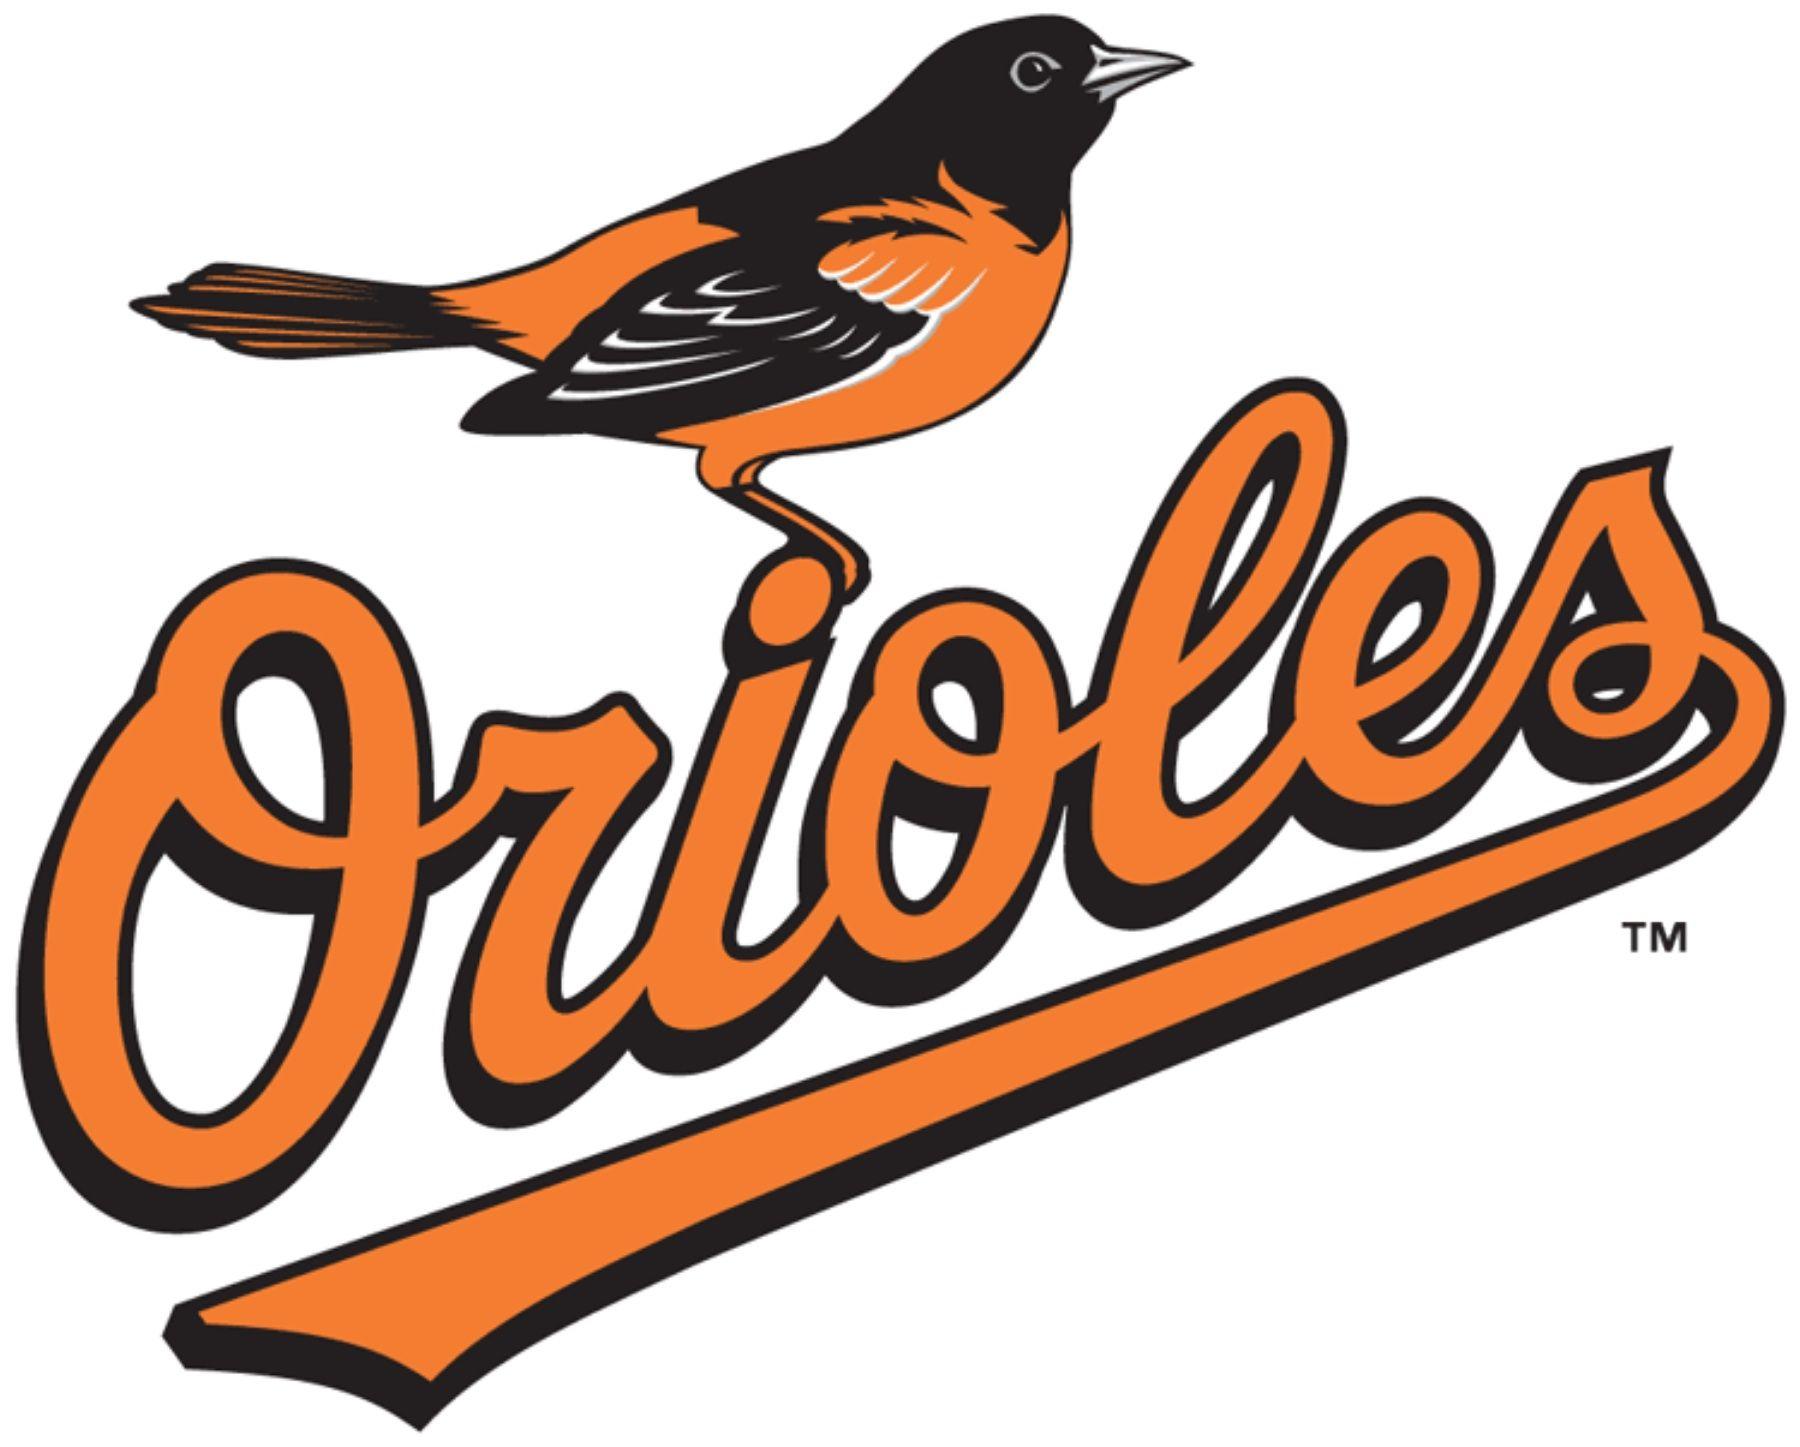 Baltimore Orioles New Logo Baltimore Orioles Logo Baltimore Orioles Orioles Logo Orioles